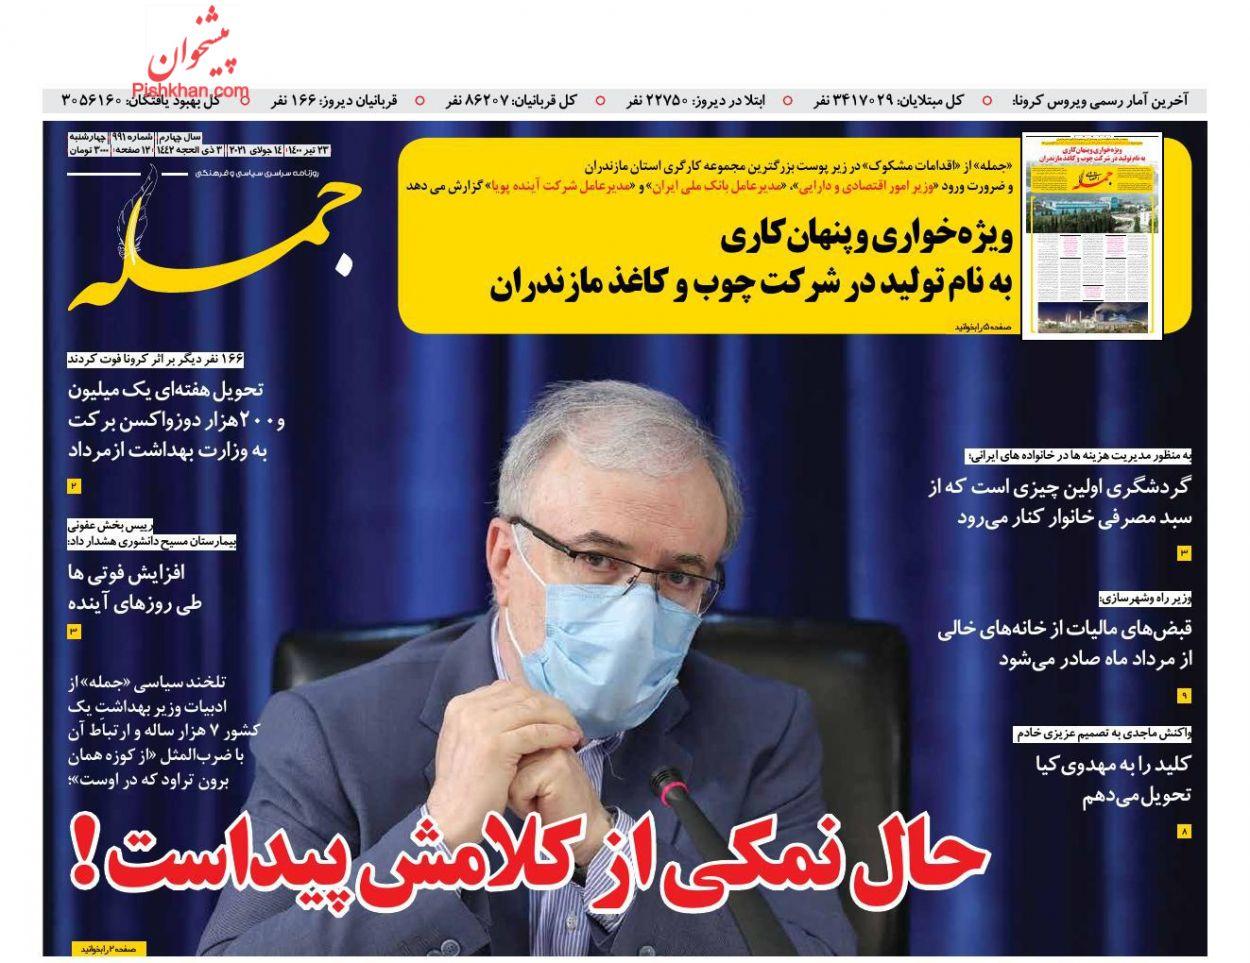 عناوین اخبار روزنامه جمله در روز چهارشنبه ۲۳ تیر